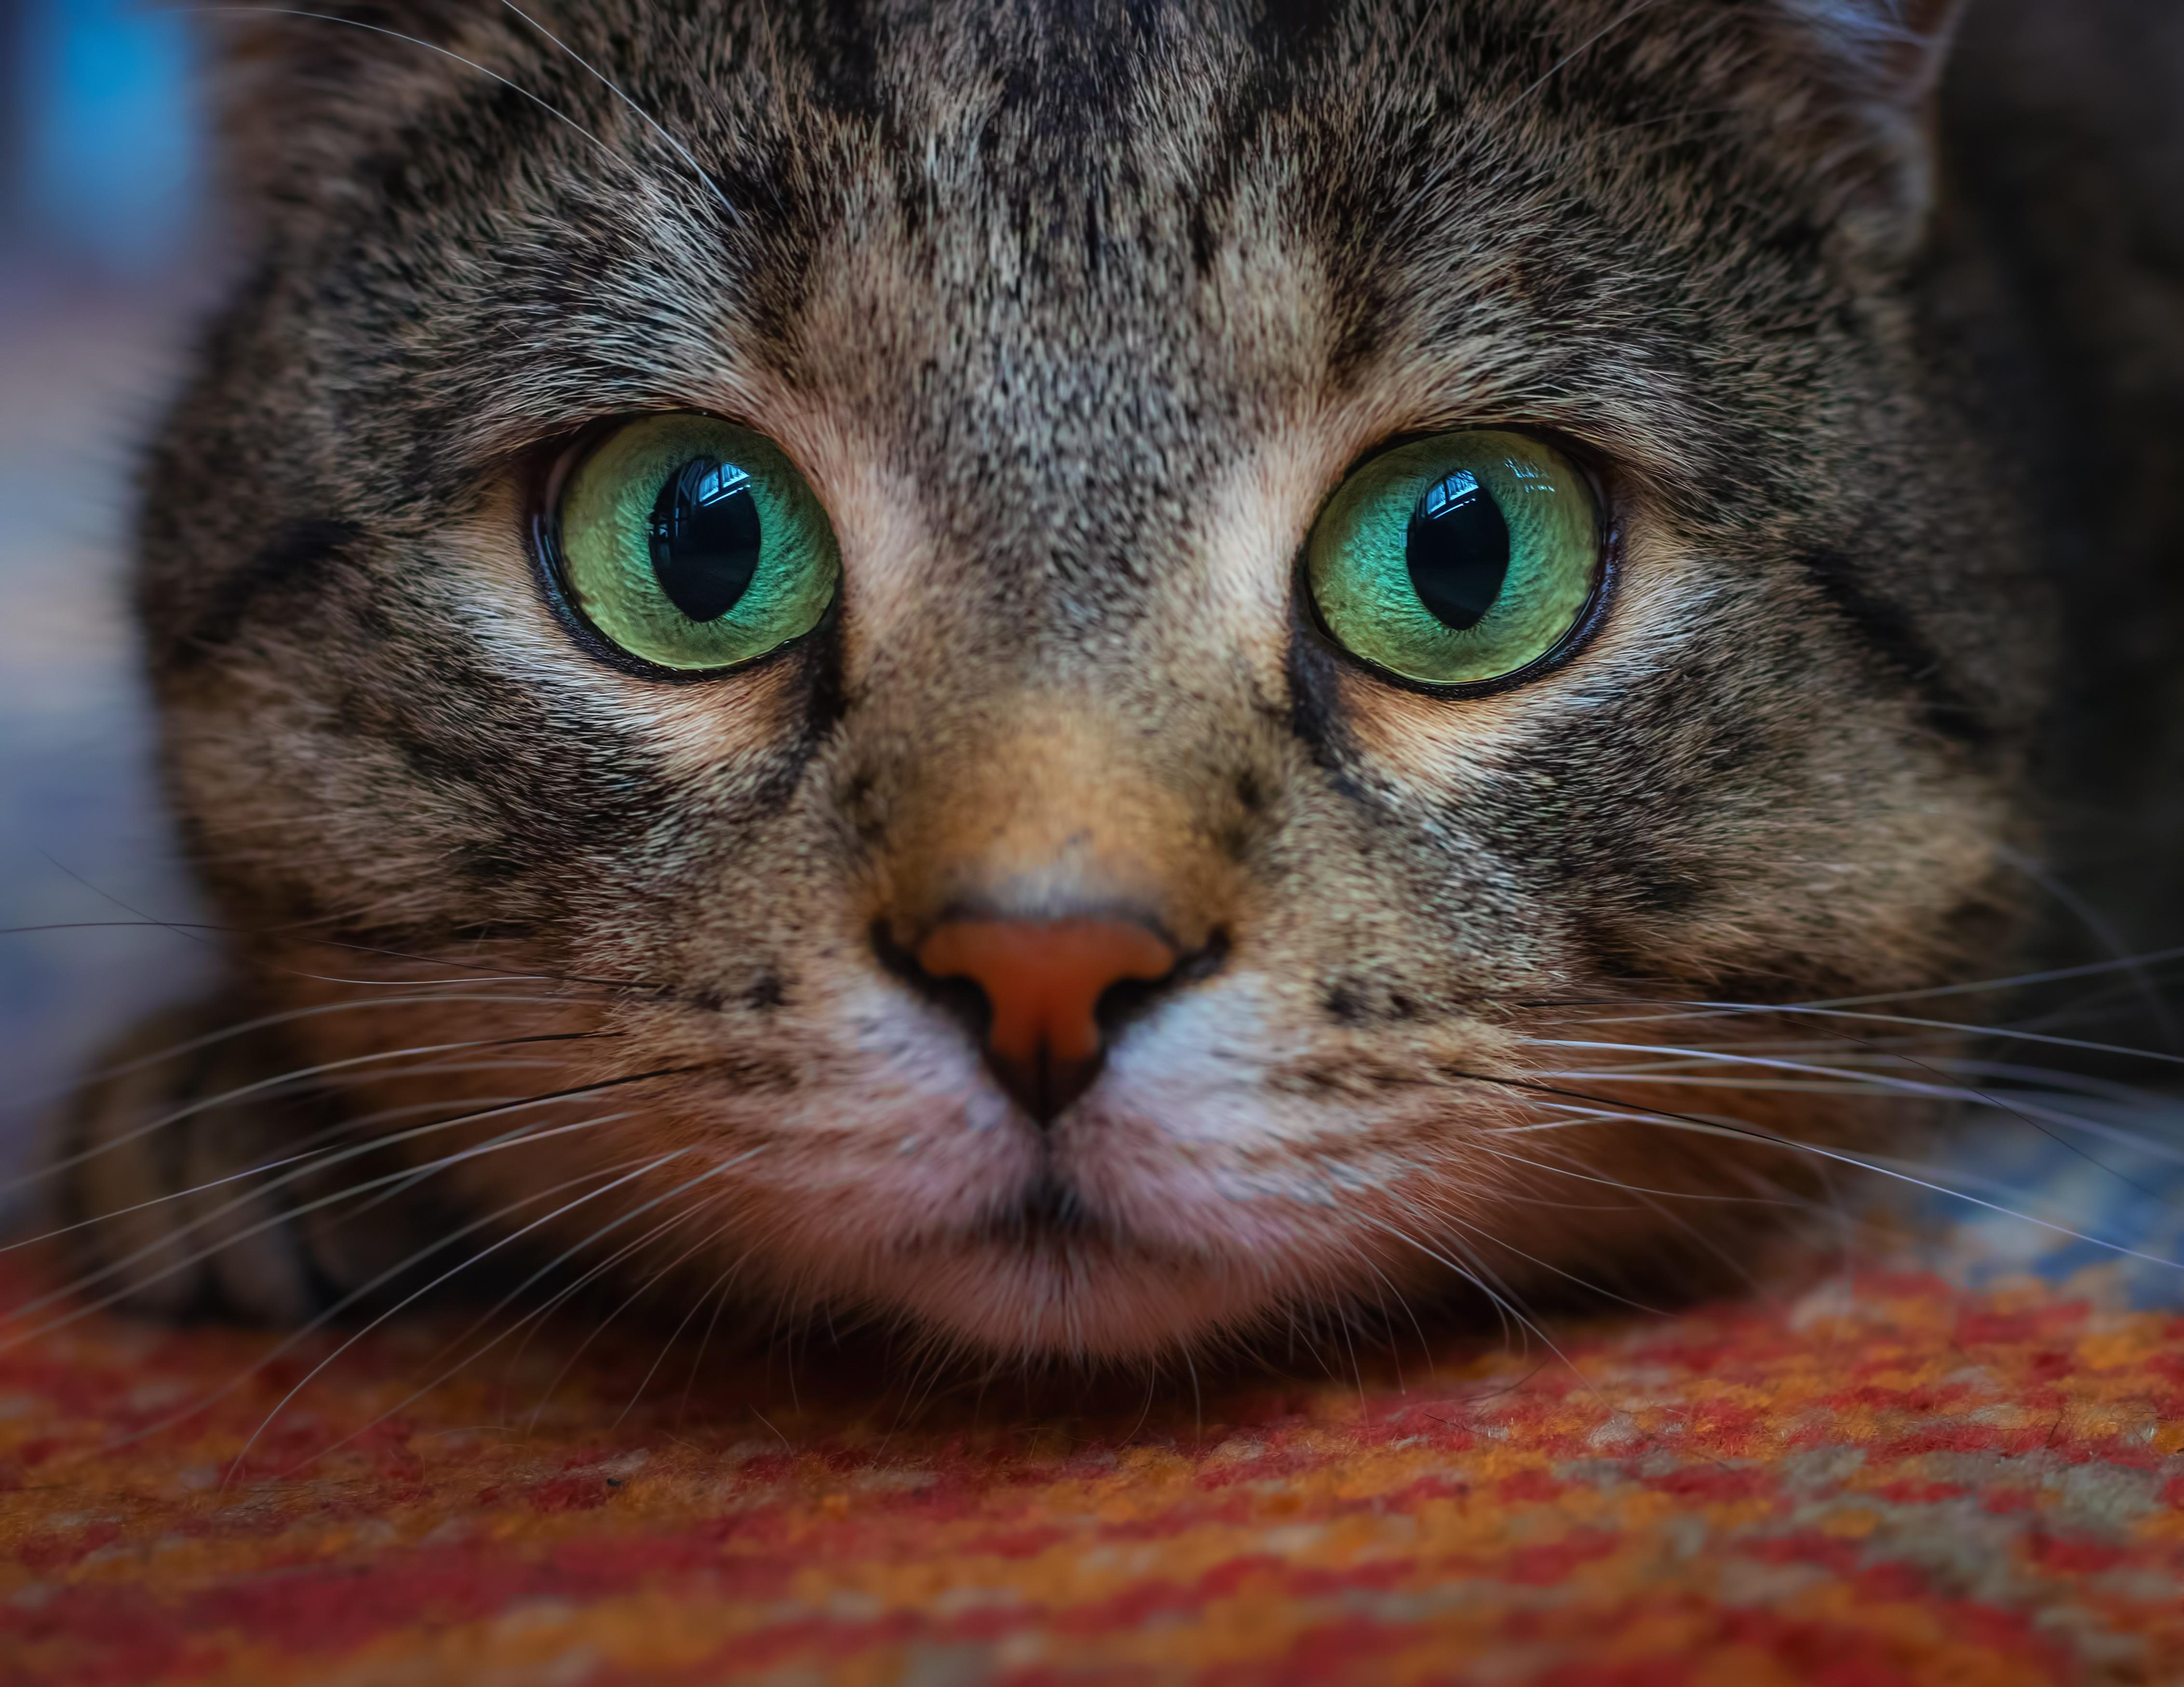 Обои для рабочего стола кошка Глаза Усы Вибриссы Морда Взгляд Животные 4530x3500 кот коты Кошки морды смотрит смотрят животное